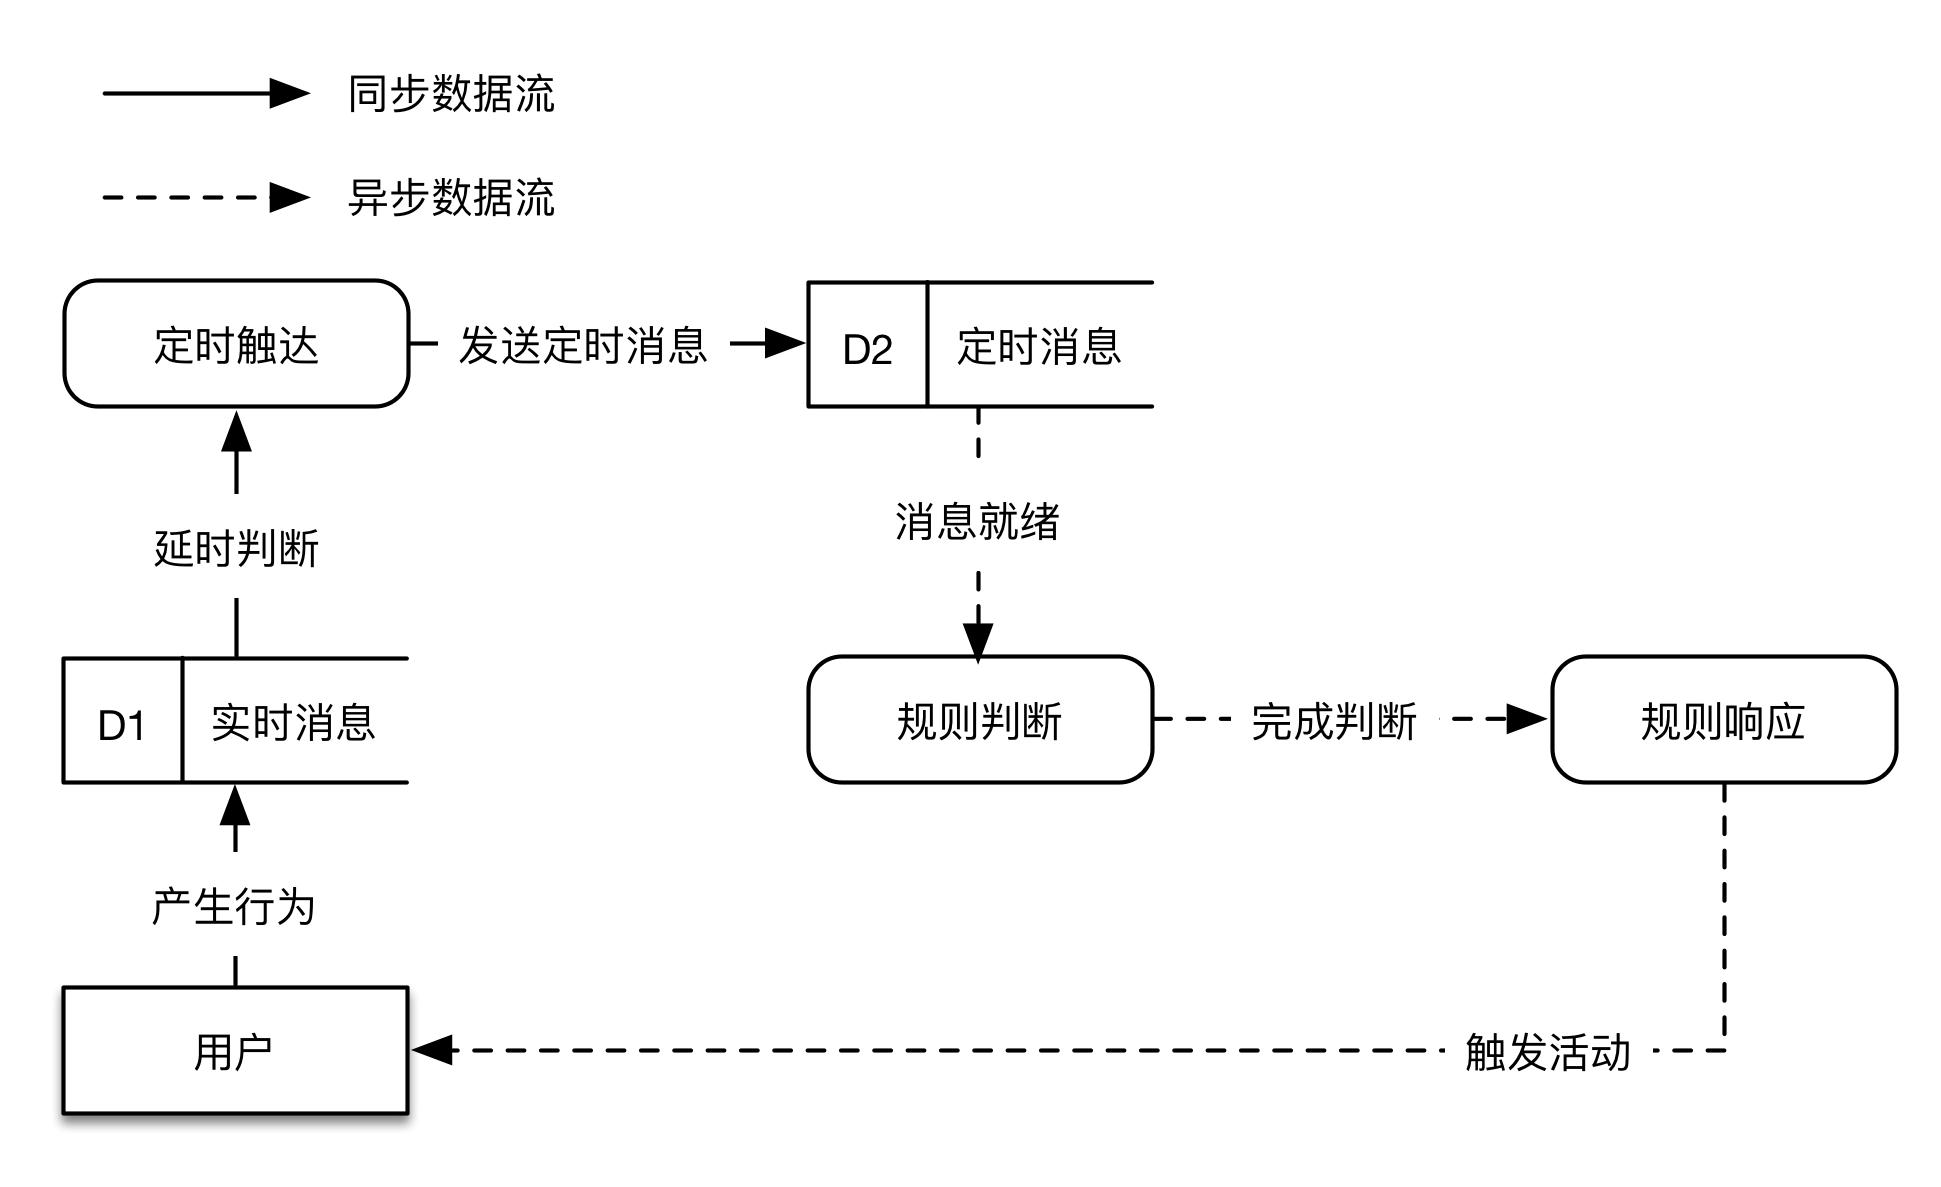 图5  定时触达模块数据流图